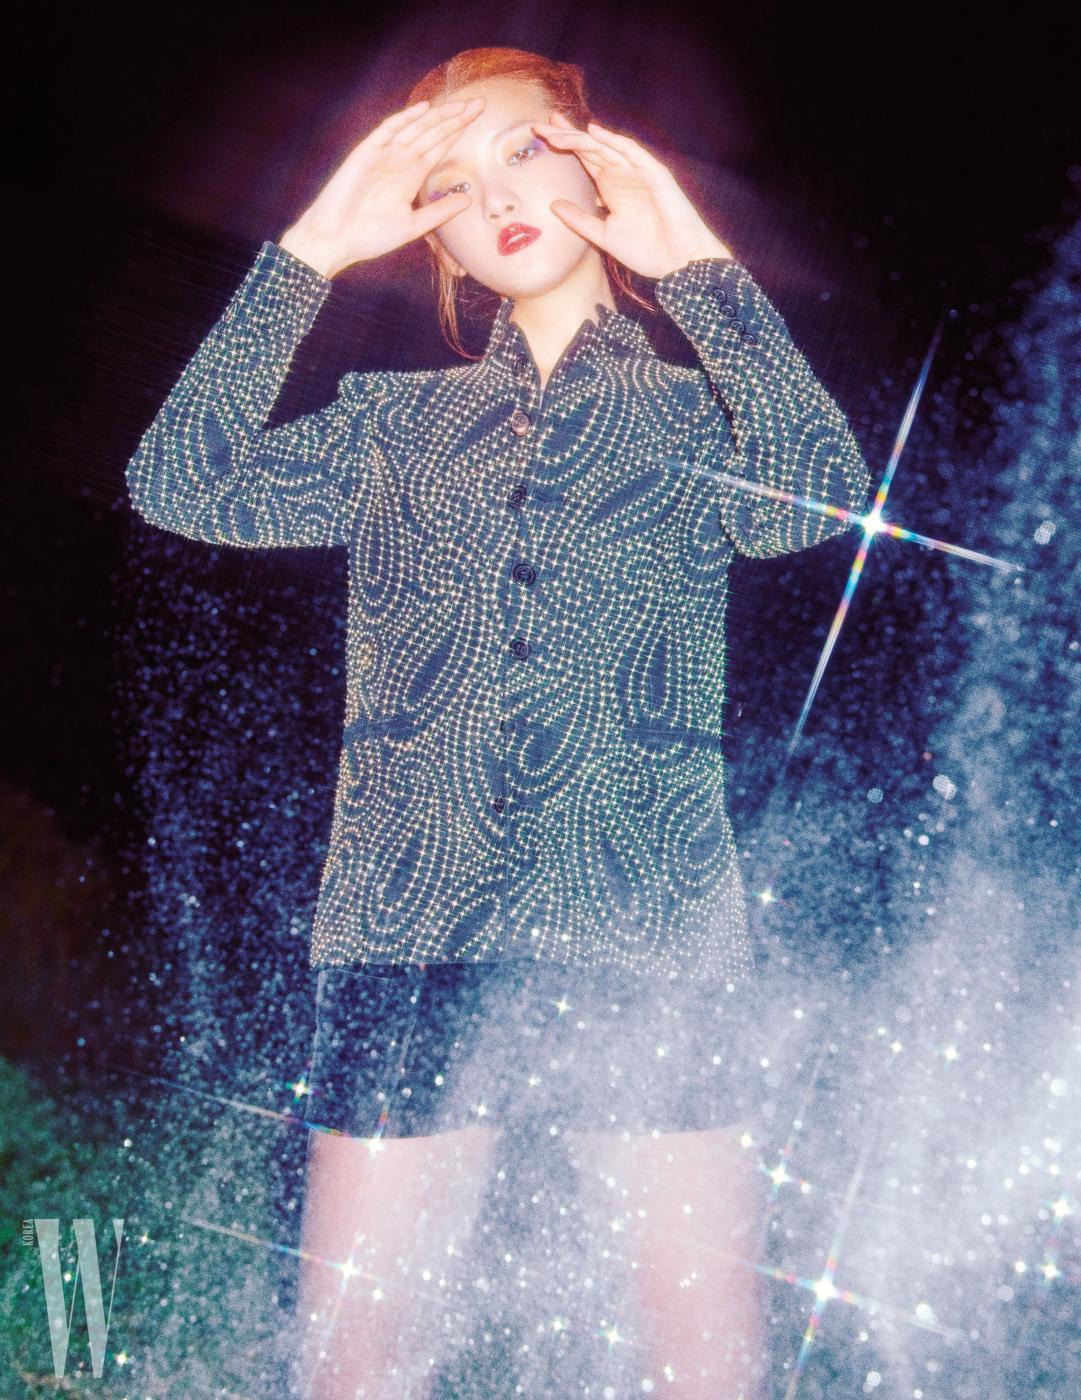 스터드 장식 재킷은 생로랑 by 안토니 바카렐로 제품. 가격 미정.